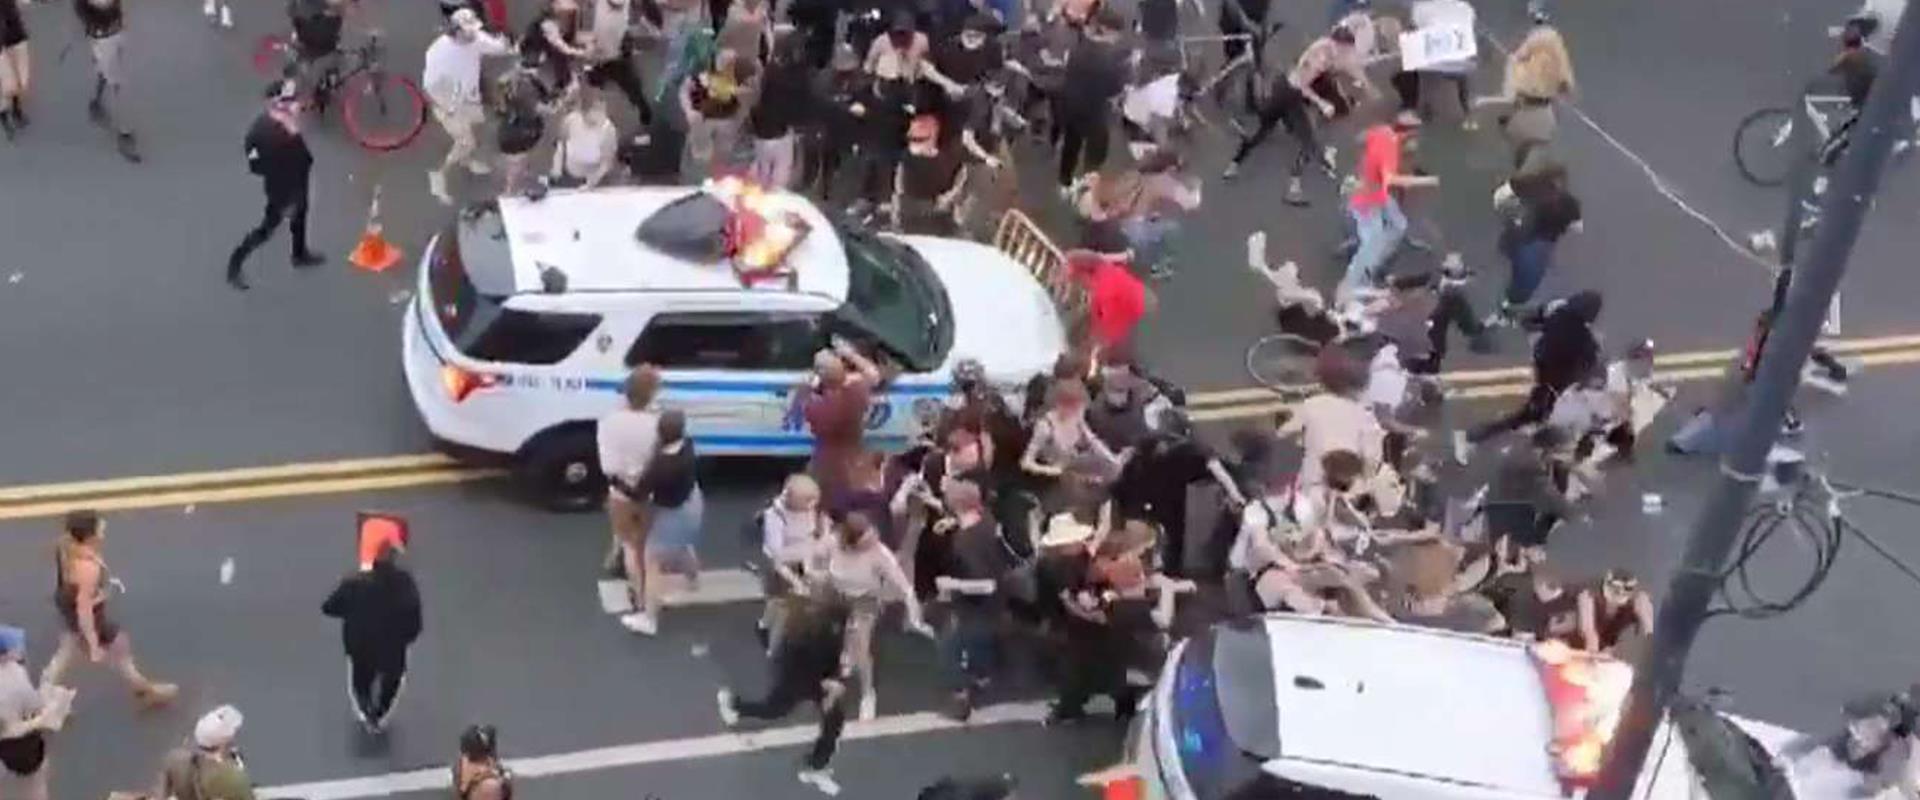 המחאות על הרג ג'ורג' פלויד מחריפות